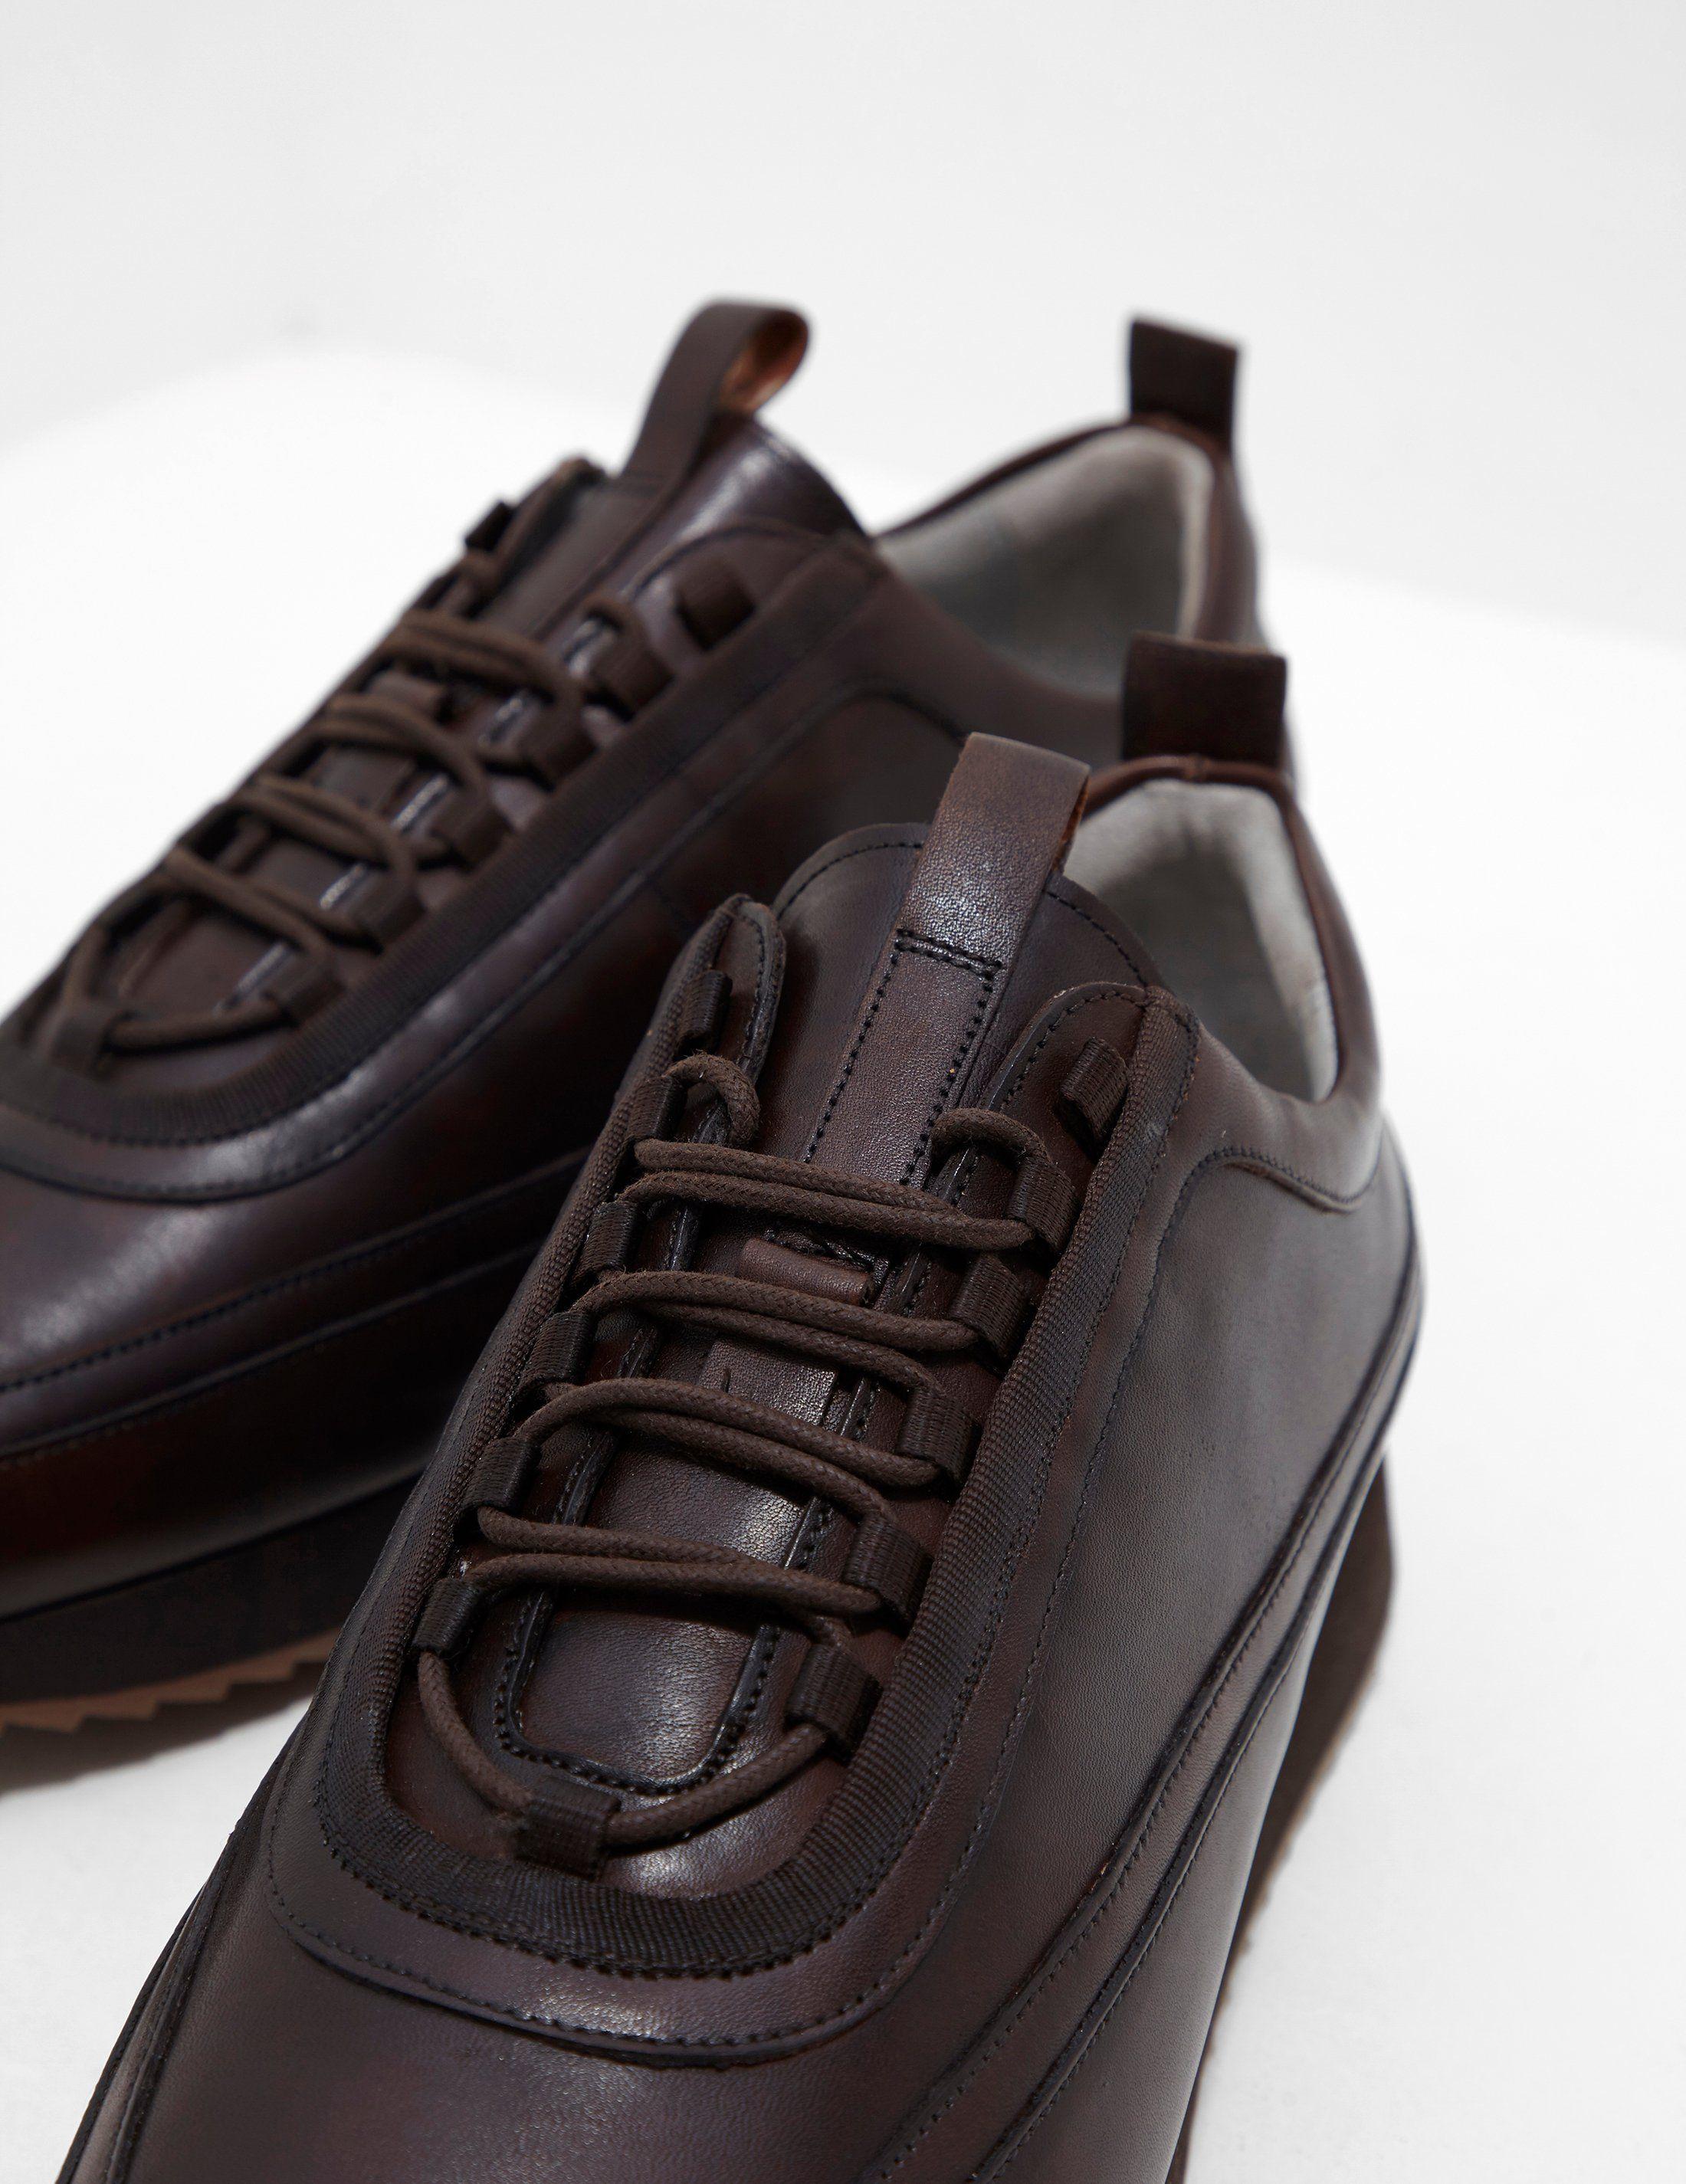 Grenson Sneaker 12 Leather